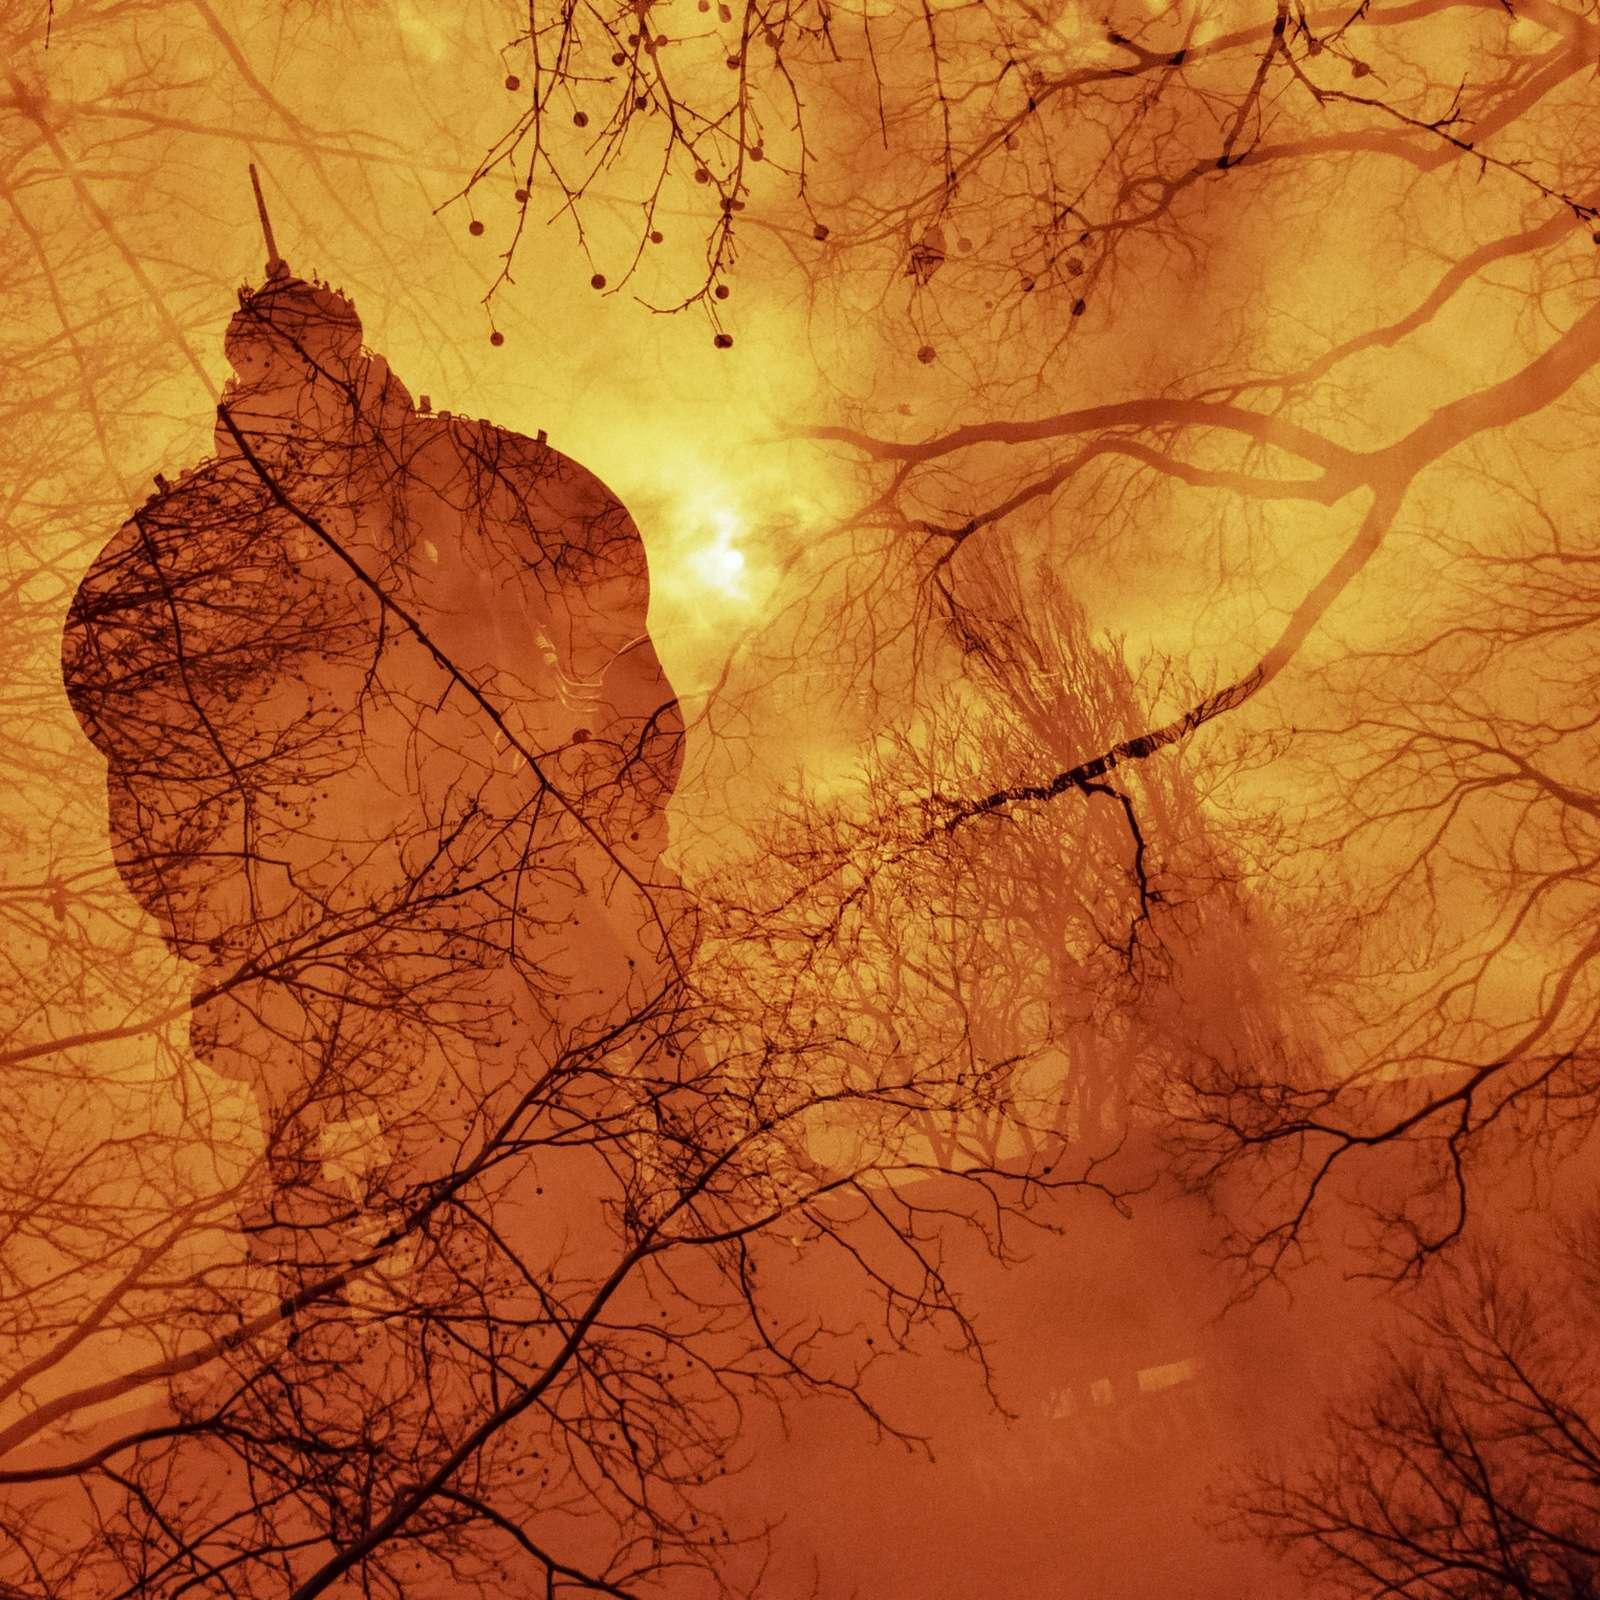 Mehrfachbelichtung eines Leuchtturms mit Bäumen in gelb, rot und orange